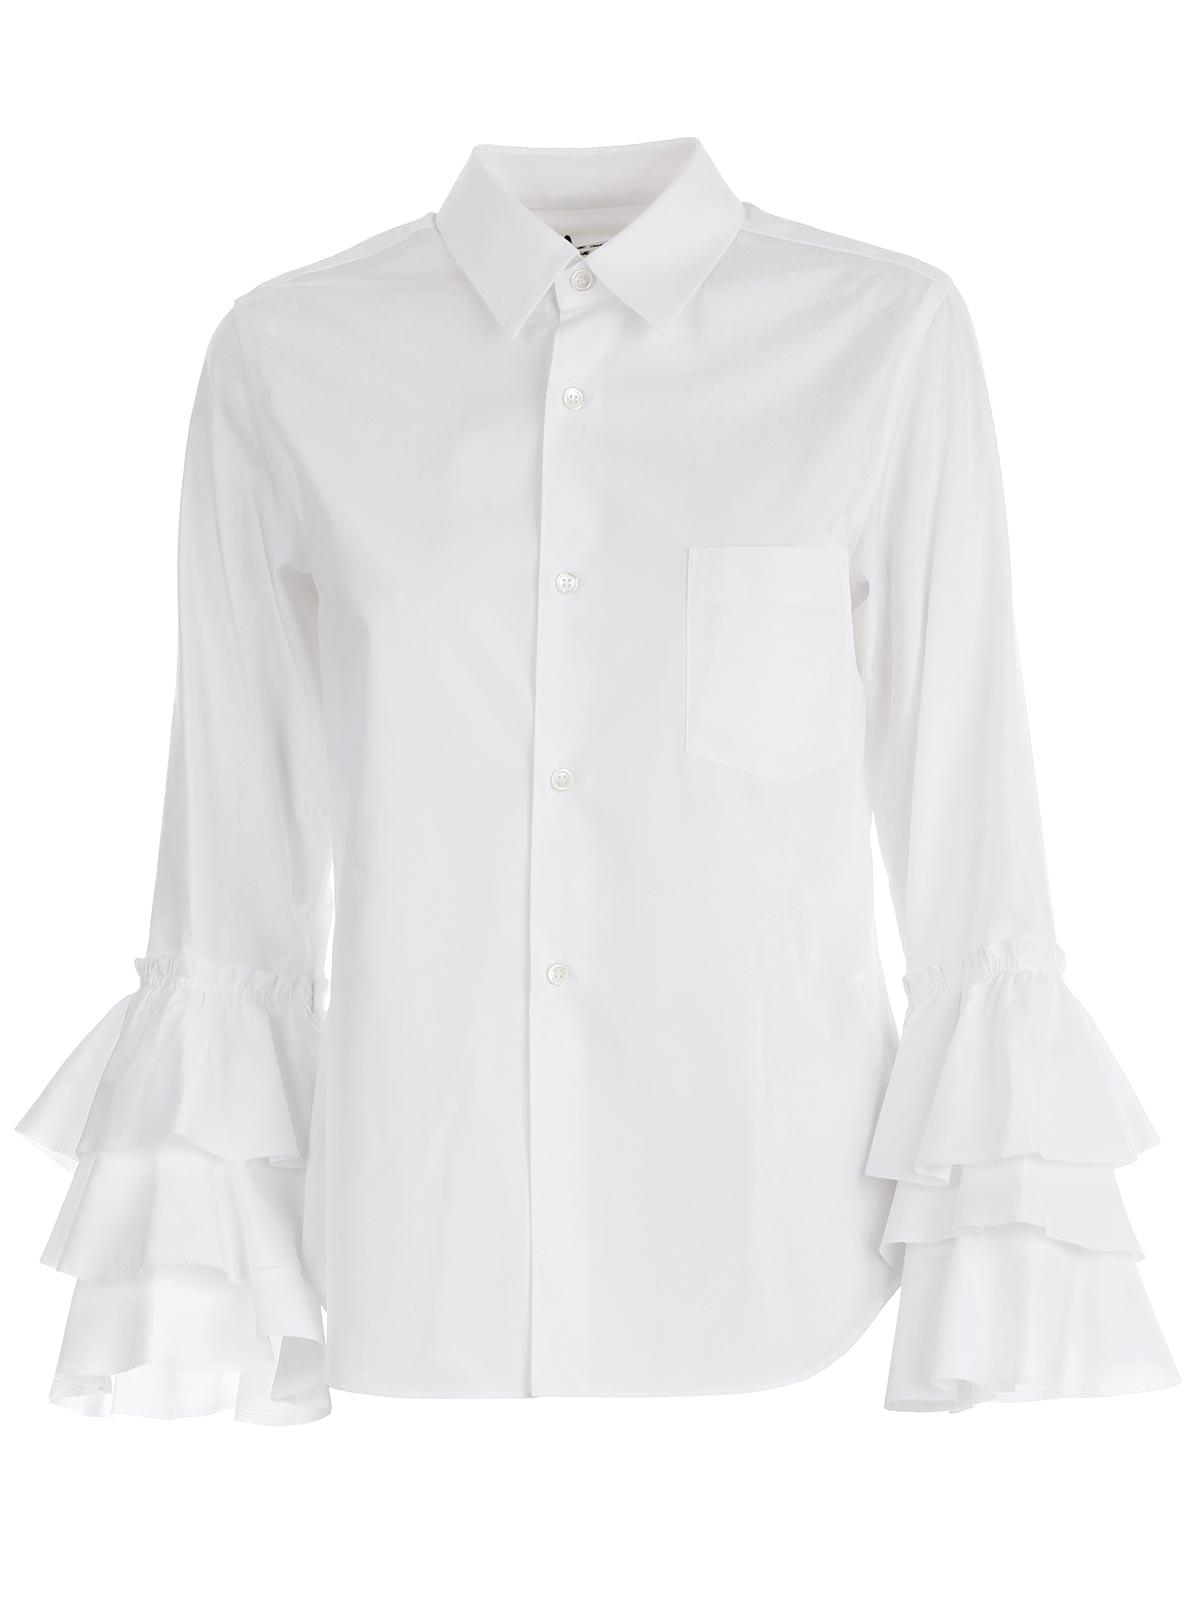 Picture of Commes Des Garcons - Comme Des Garcons Shirts